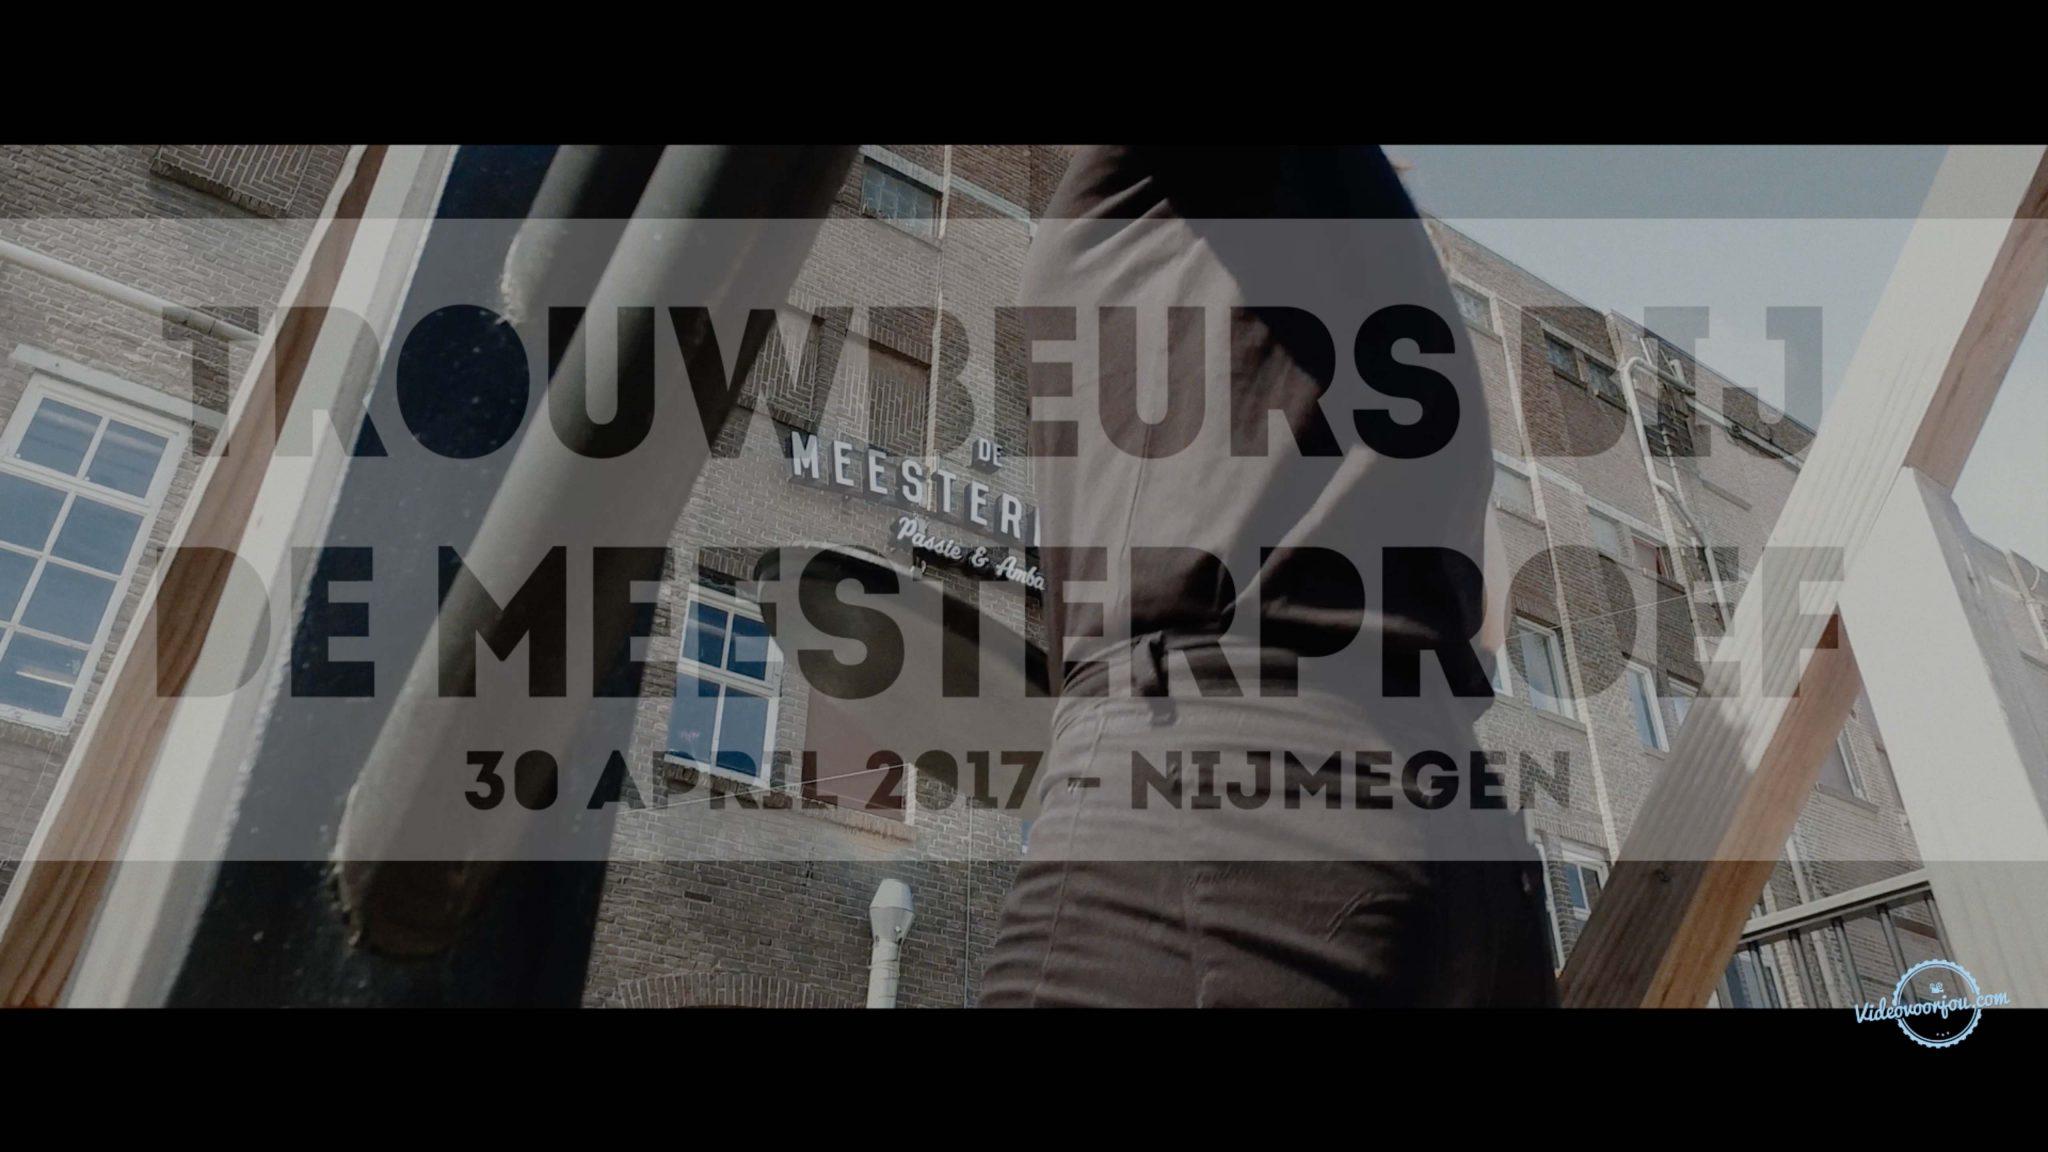 Trouwbeurs @ de Meesterproef 2017